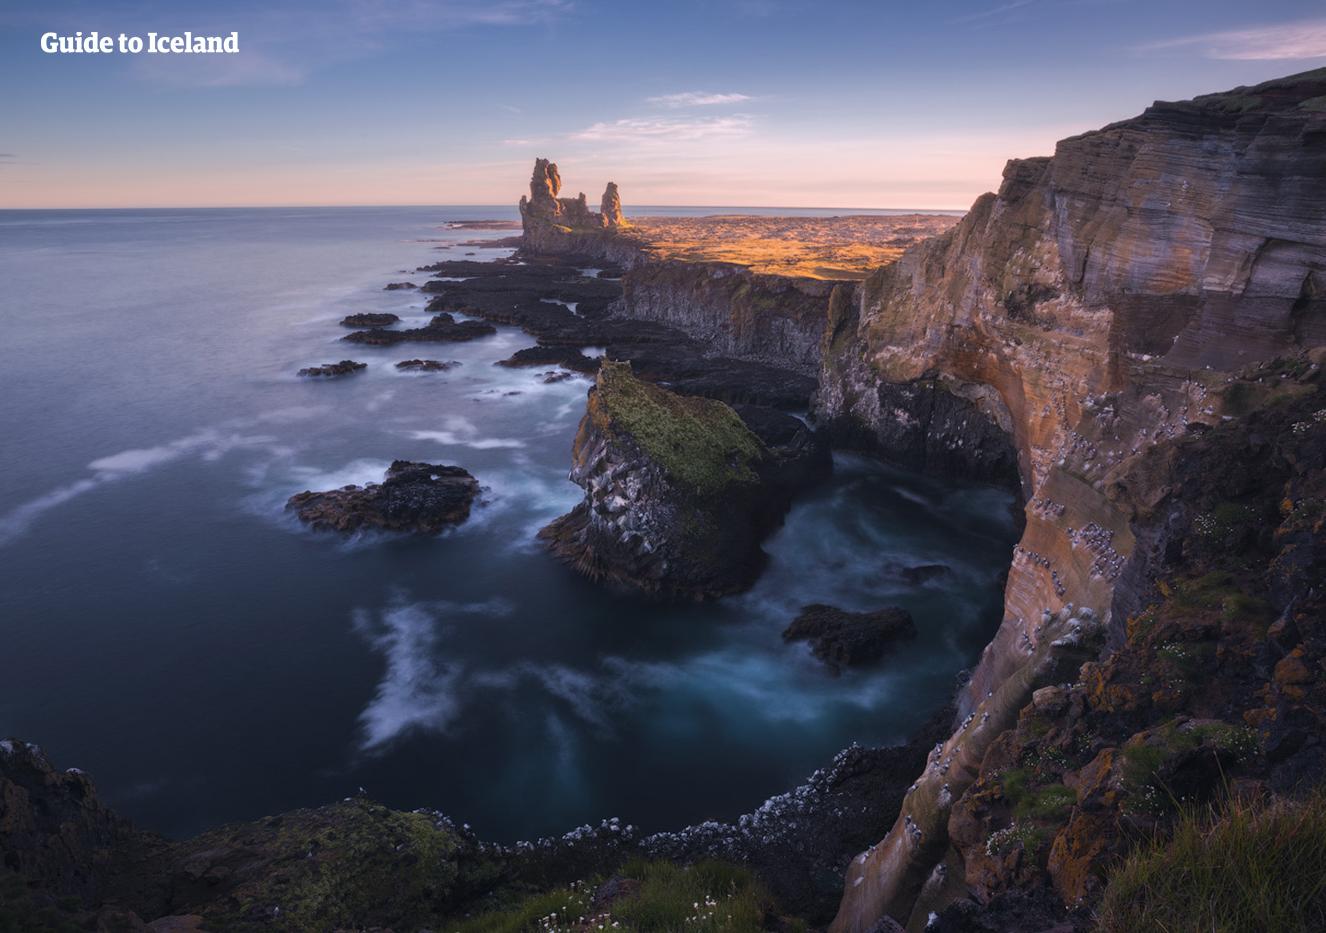 La péninsule de Snaefellsnes se caractérise par sa tranquillité et la diversité de ses paysages.